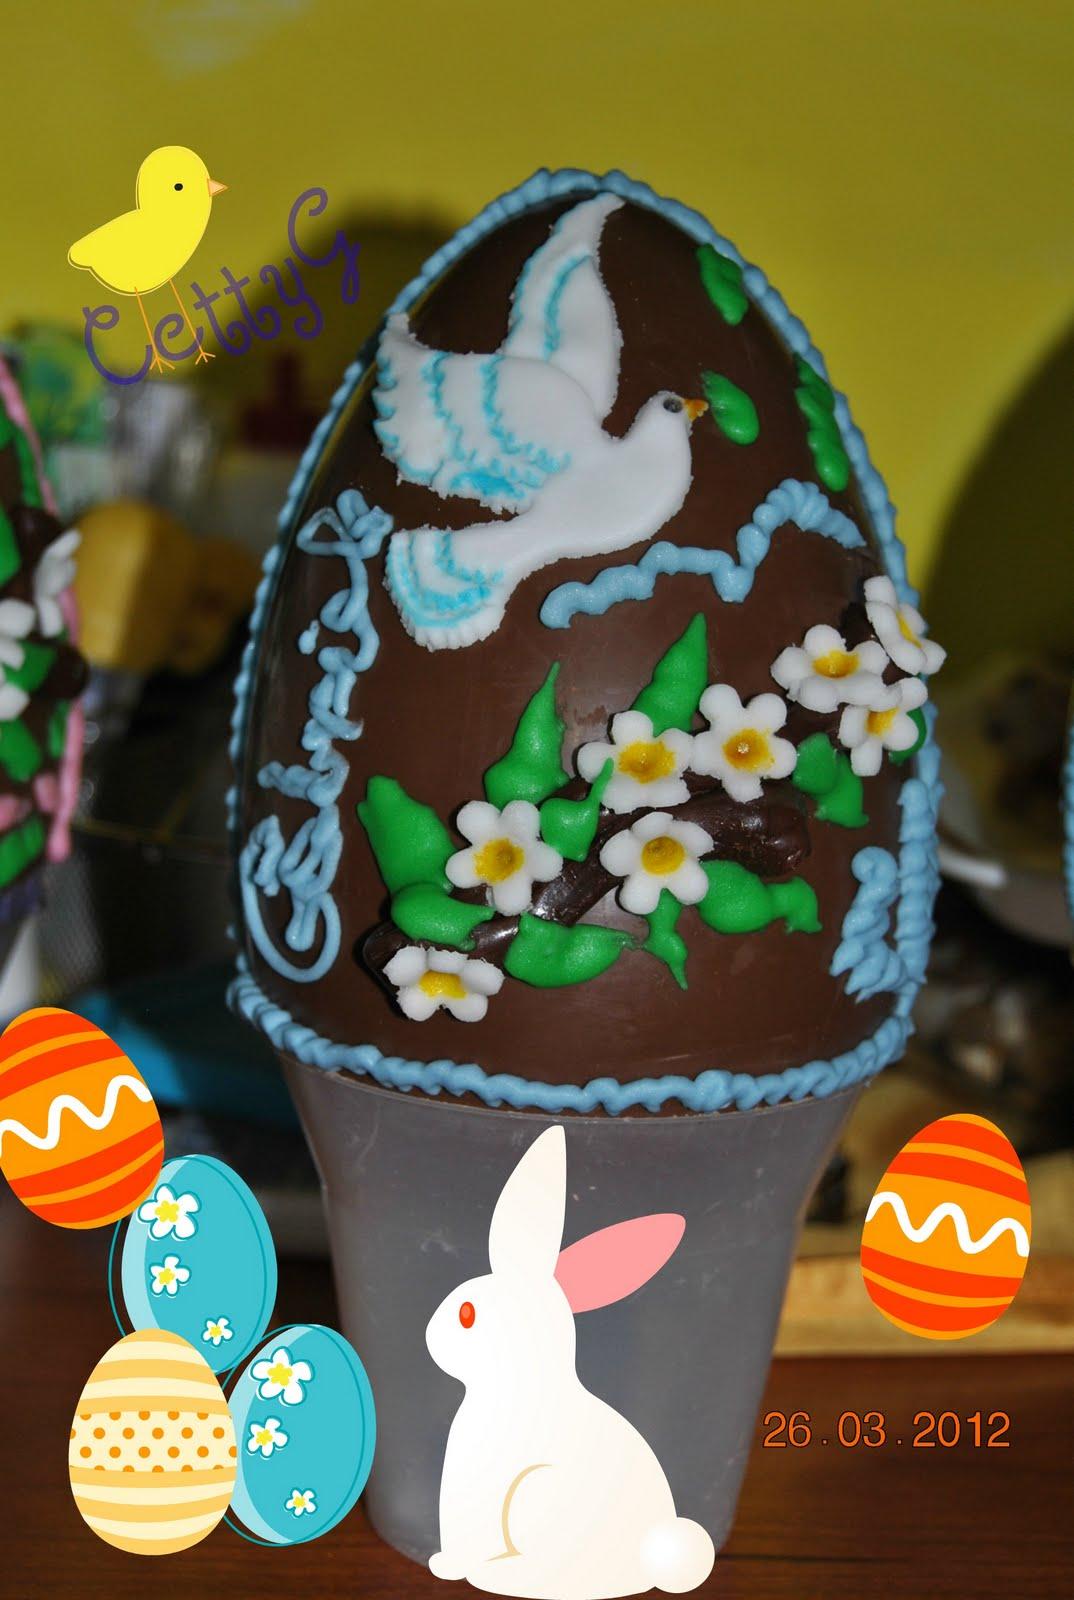 Le torte decorate di cetty g uova di pasqua 2012 - Uova di pasqua decorate ...